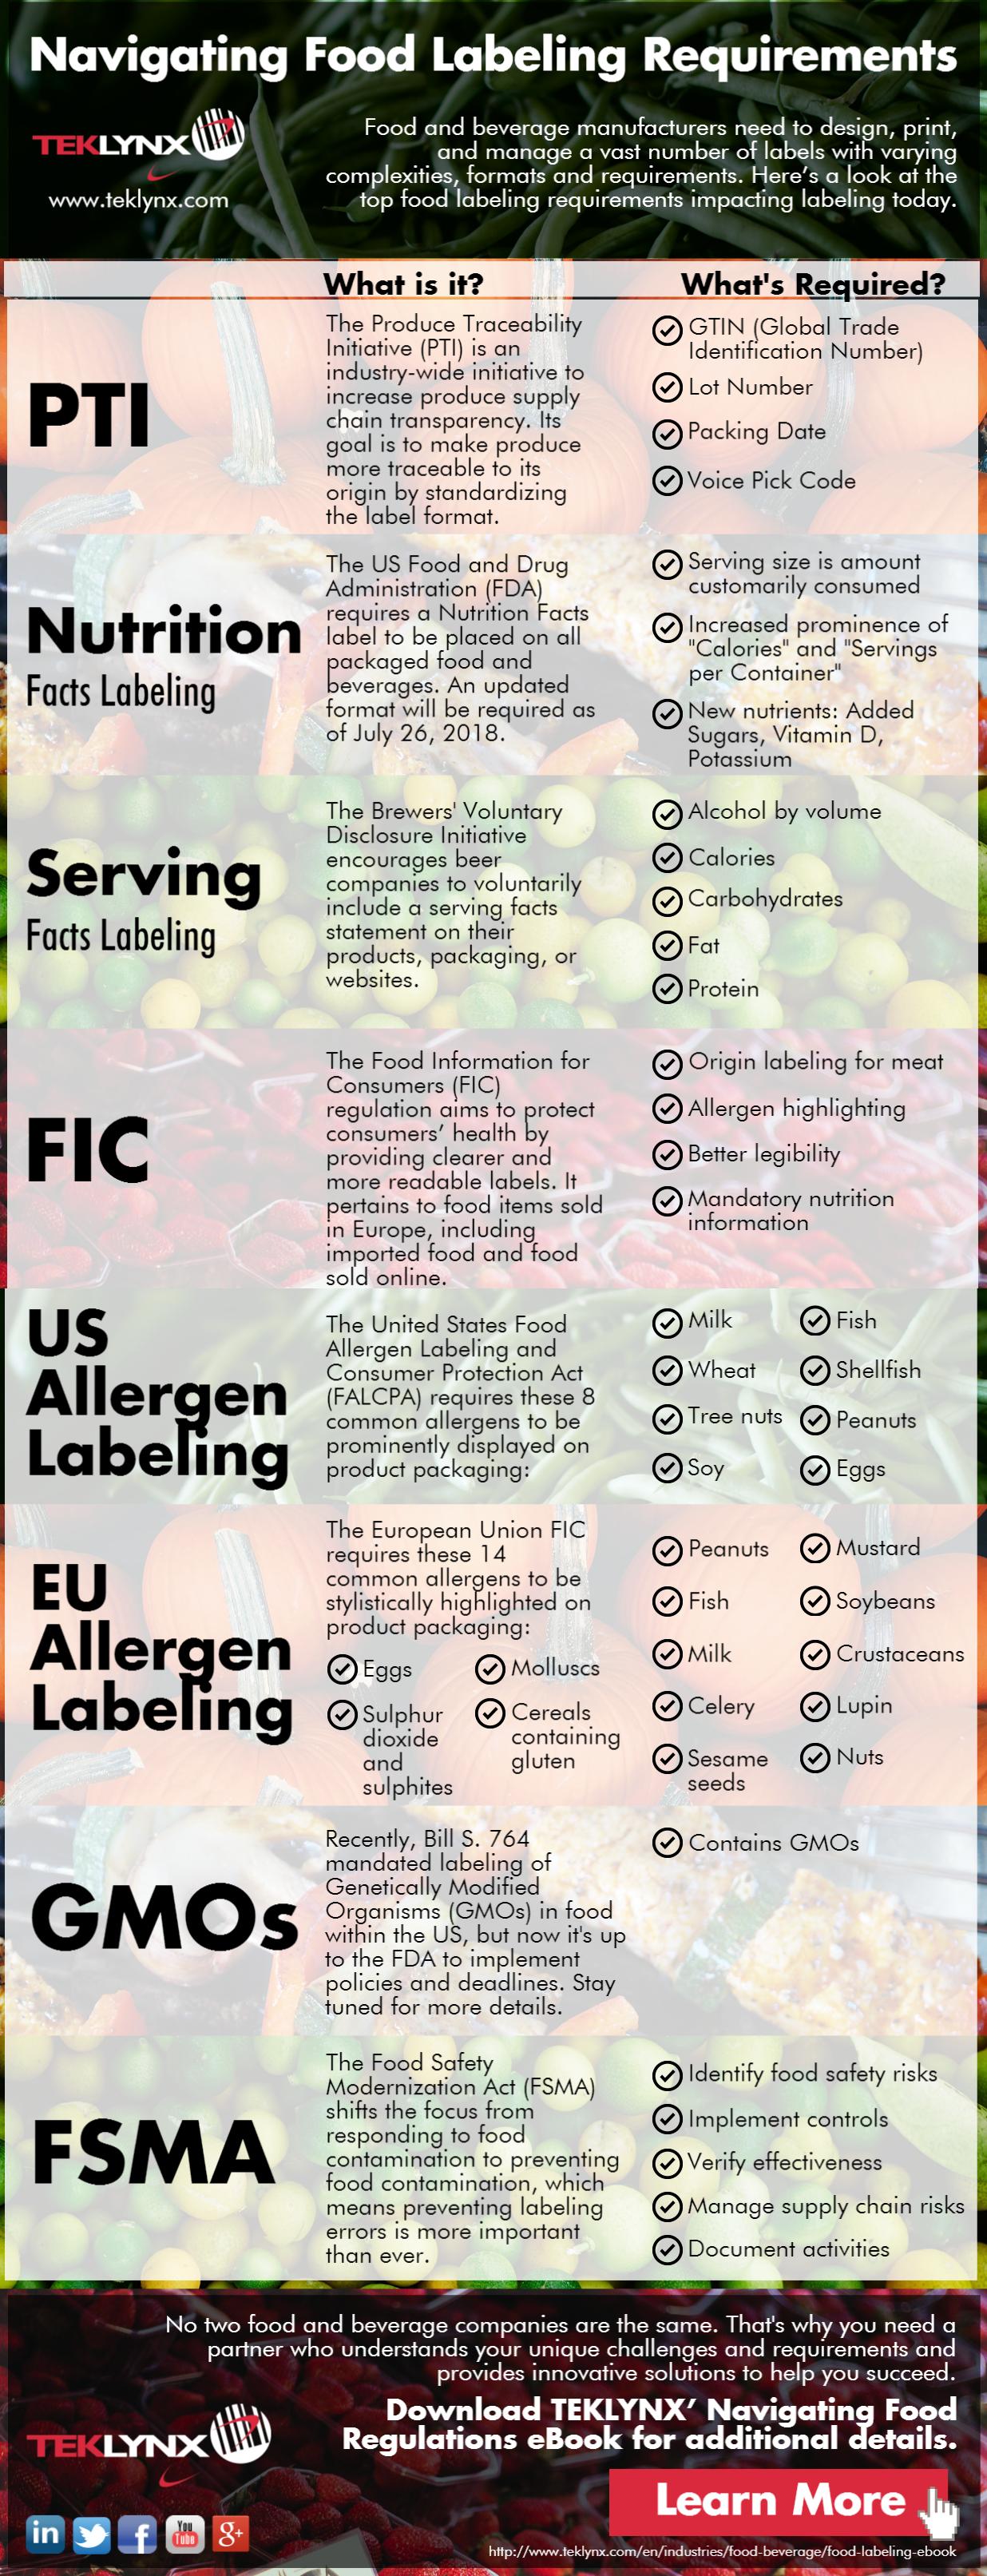 信息图:满足食品标签要求